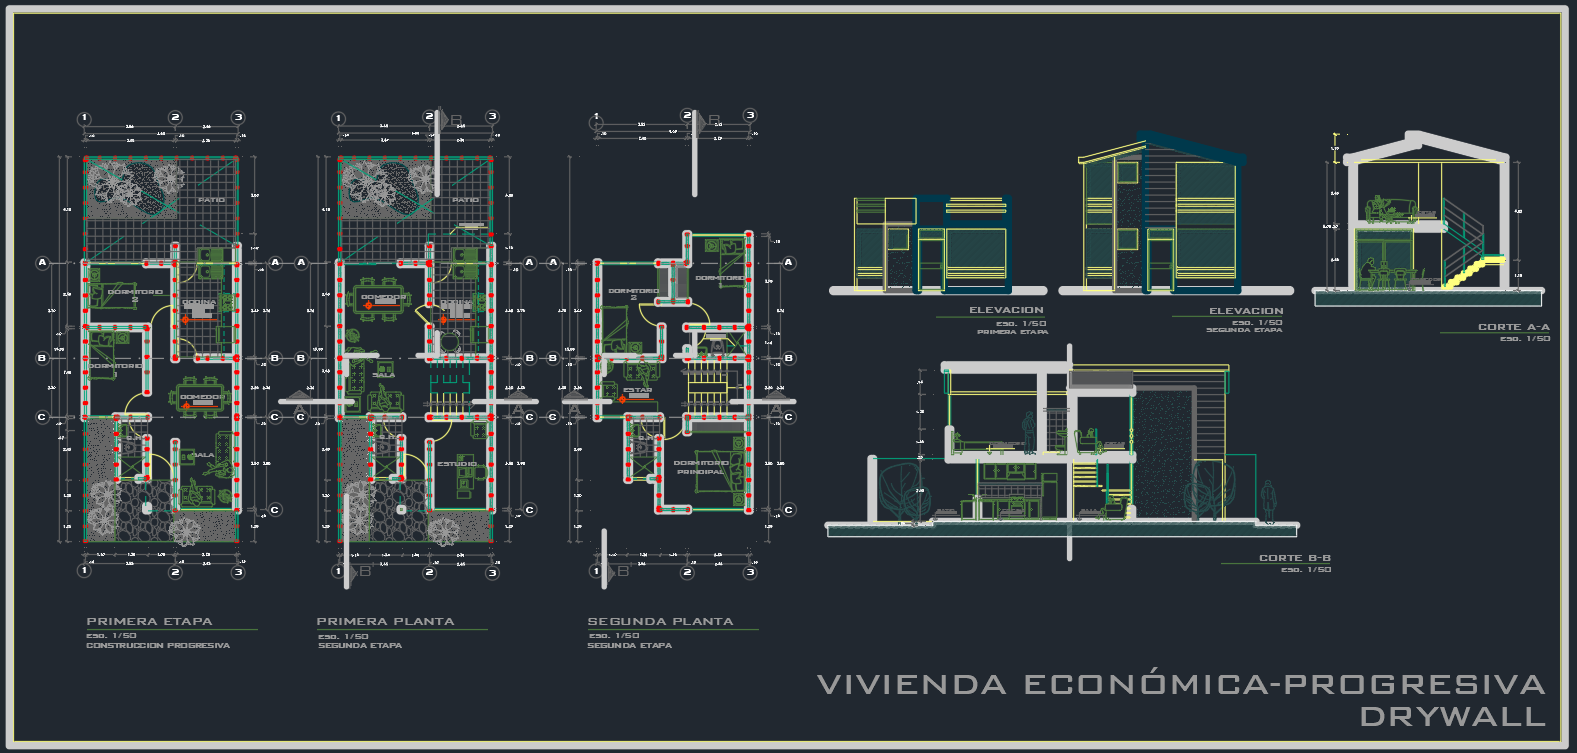 Planos arquitectonicos de casas for Planos arquitectonicos de casas gratis